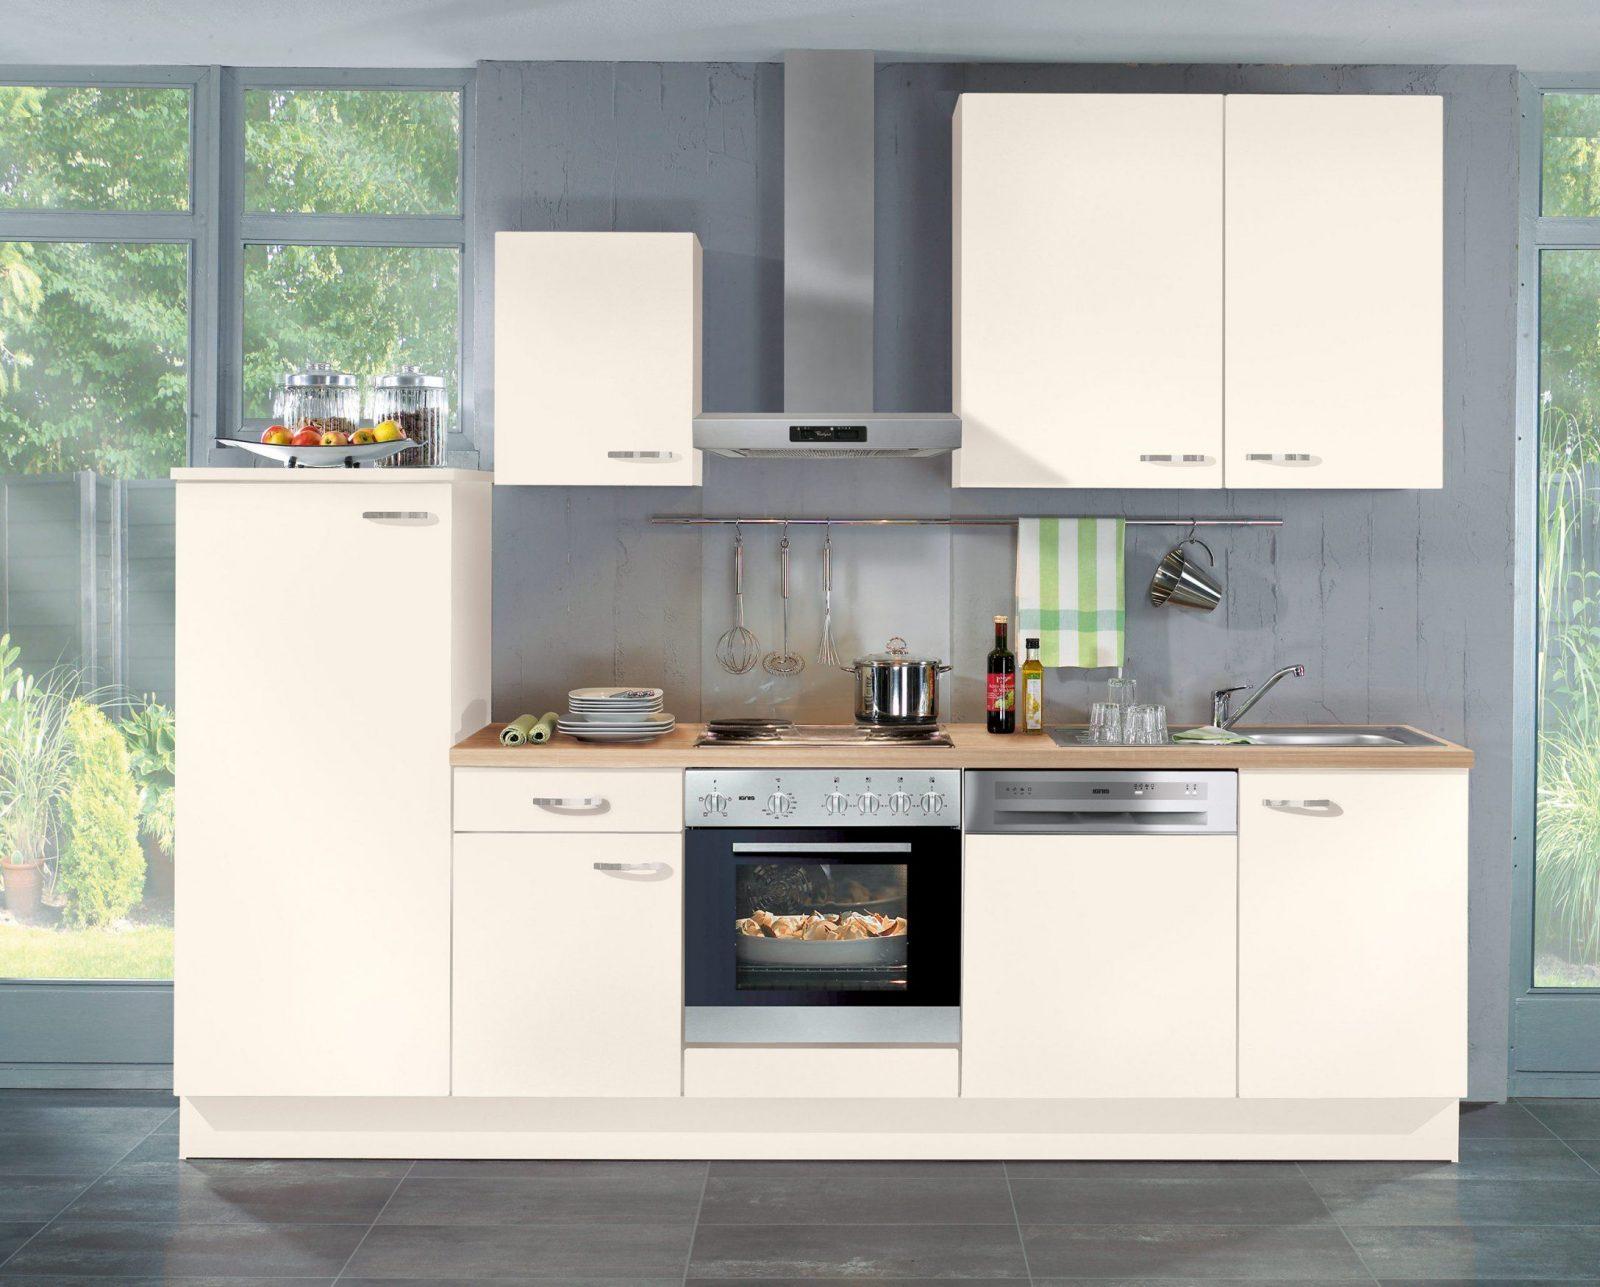 Preiswerte Gebrauchte Küchen | Günstige Gebrauchte Küchen In ...